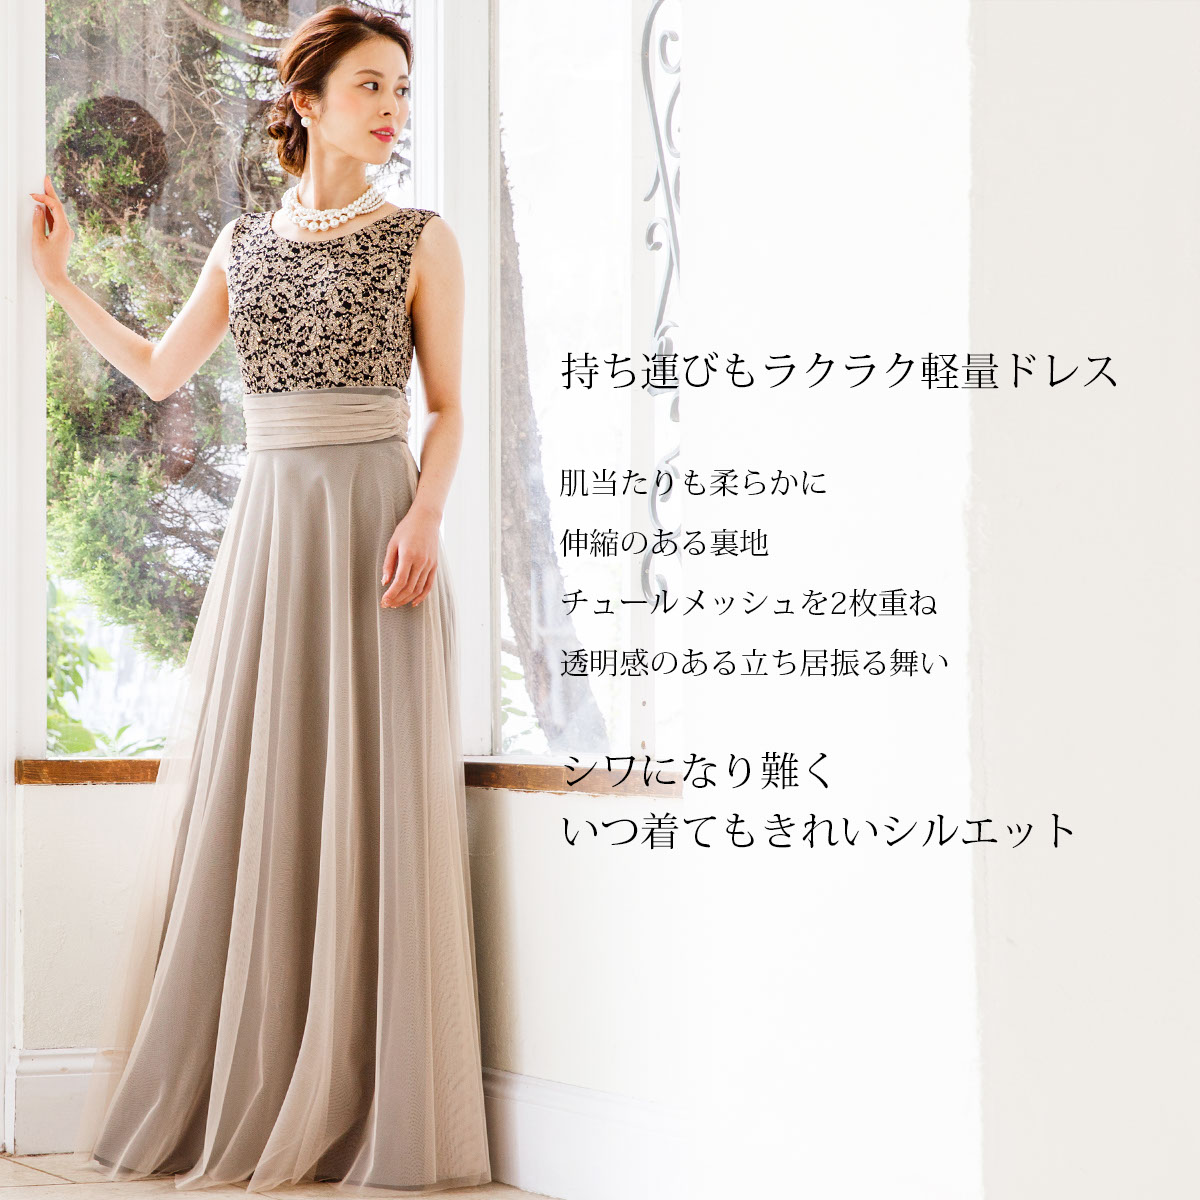 華やかなAラインロングドレス